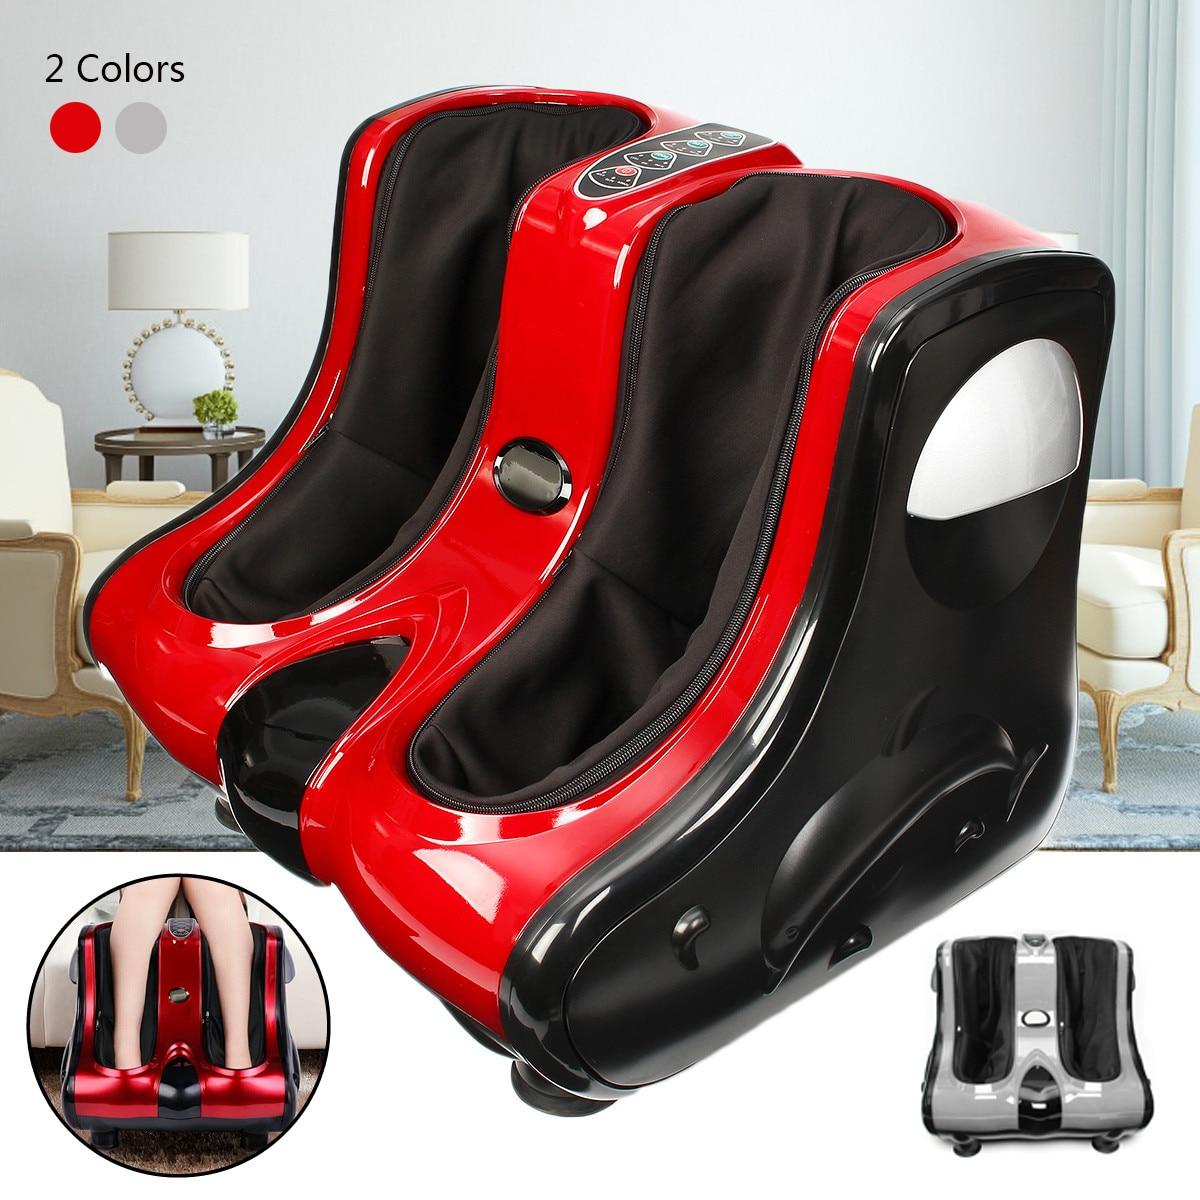 220 v Shiatsu Piede Polpaccio Della Gamba Caviglia Massaggiatore Riscaldamento Impastare di Rotolamento Macchina di Vibrazione 3 Modalità di Staccabile In Tessuto All-dimensionale